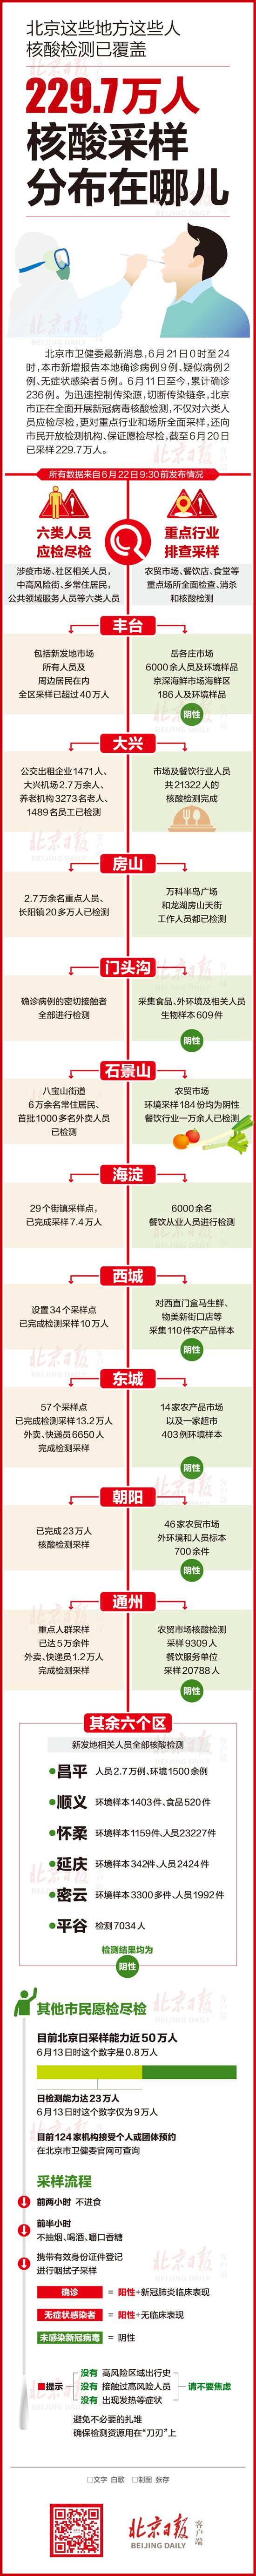 北京229.7万人核酸采样,分布在哪儿插图